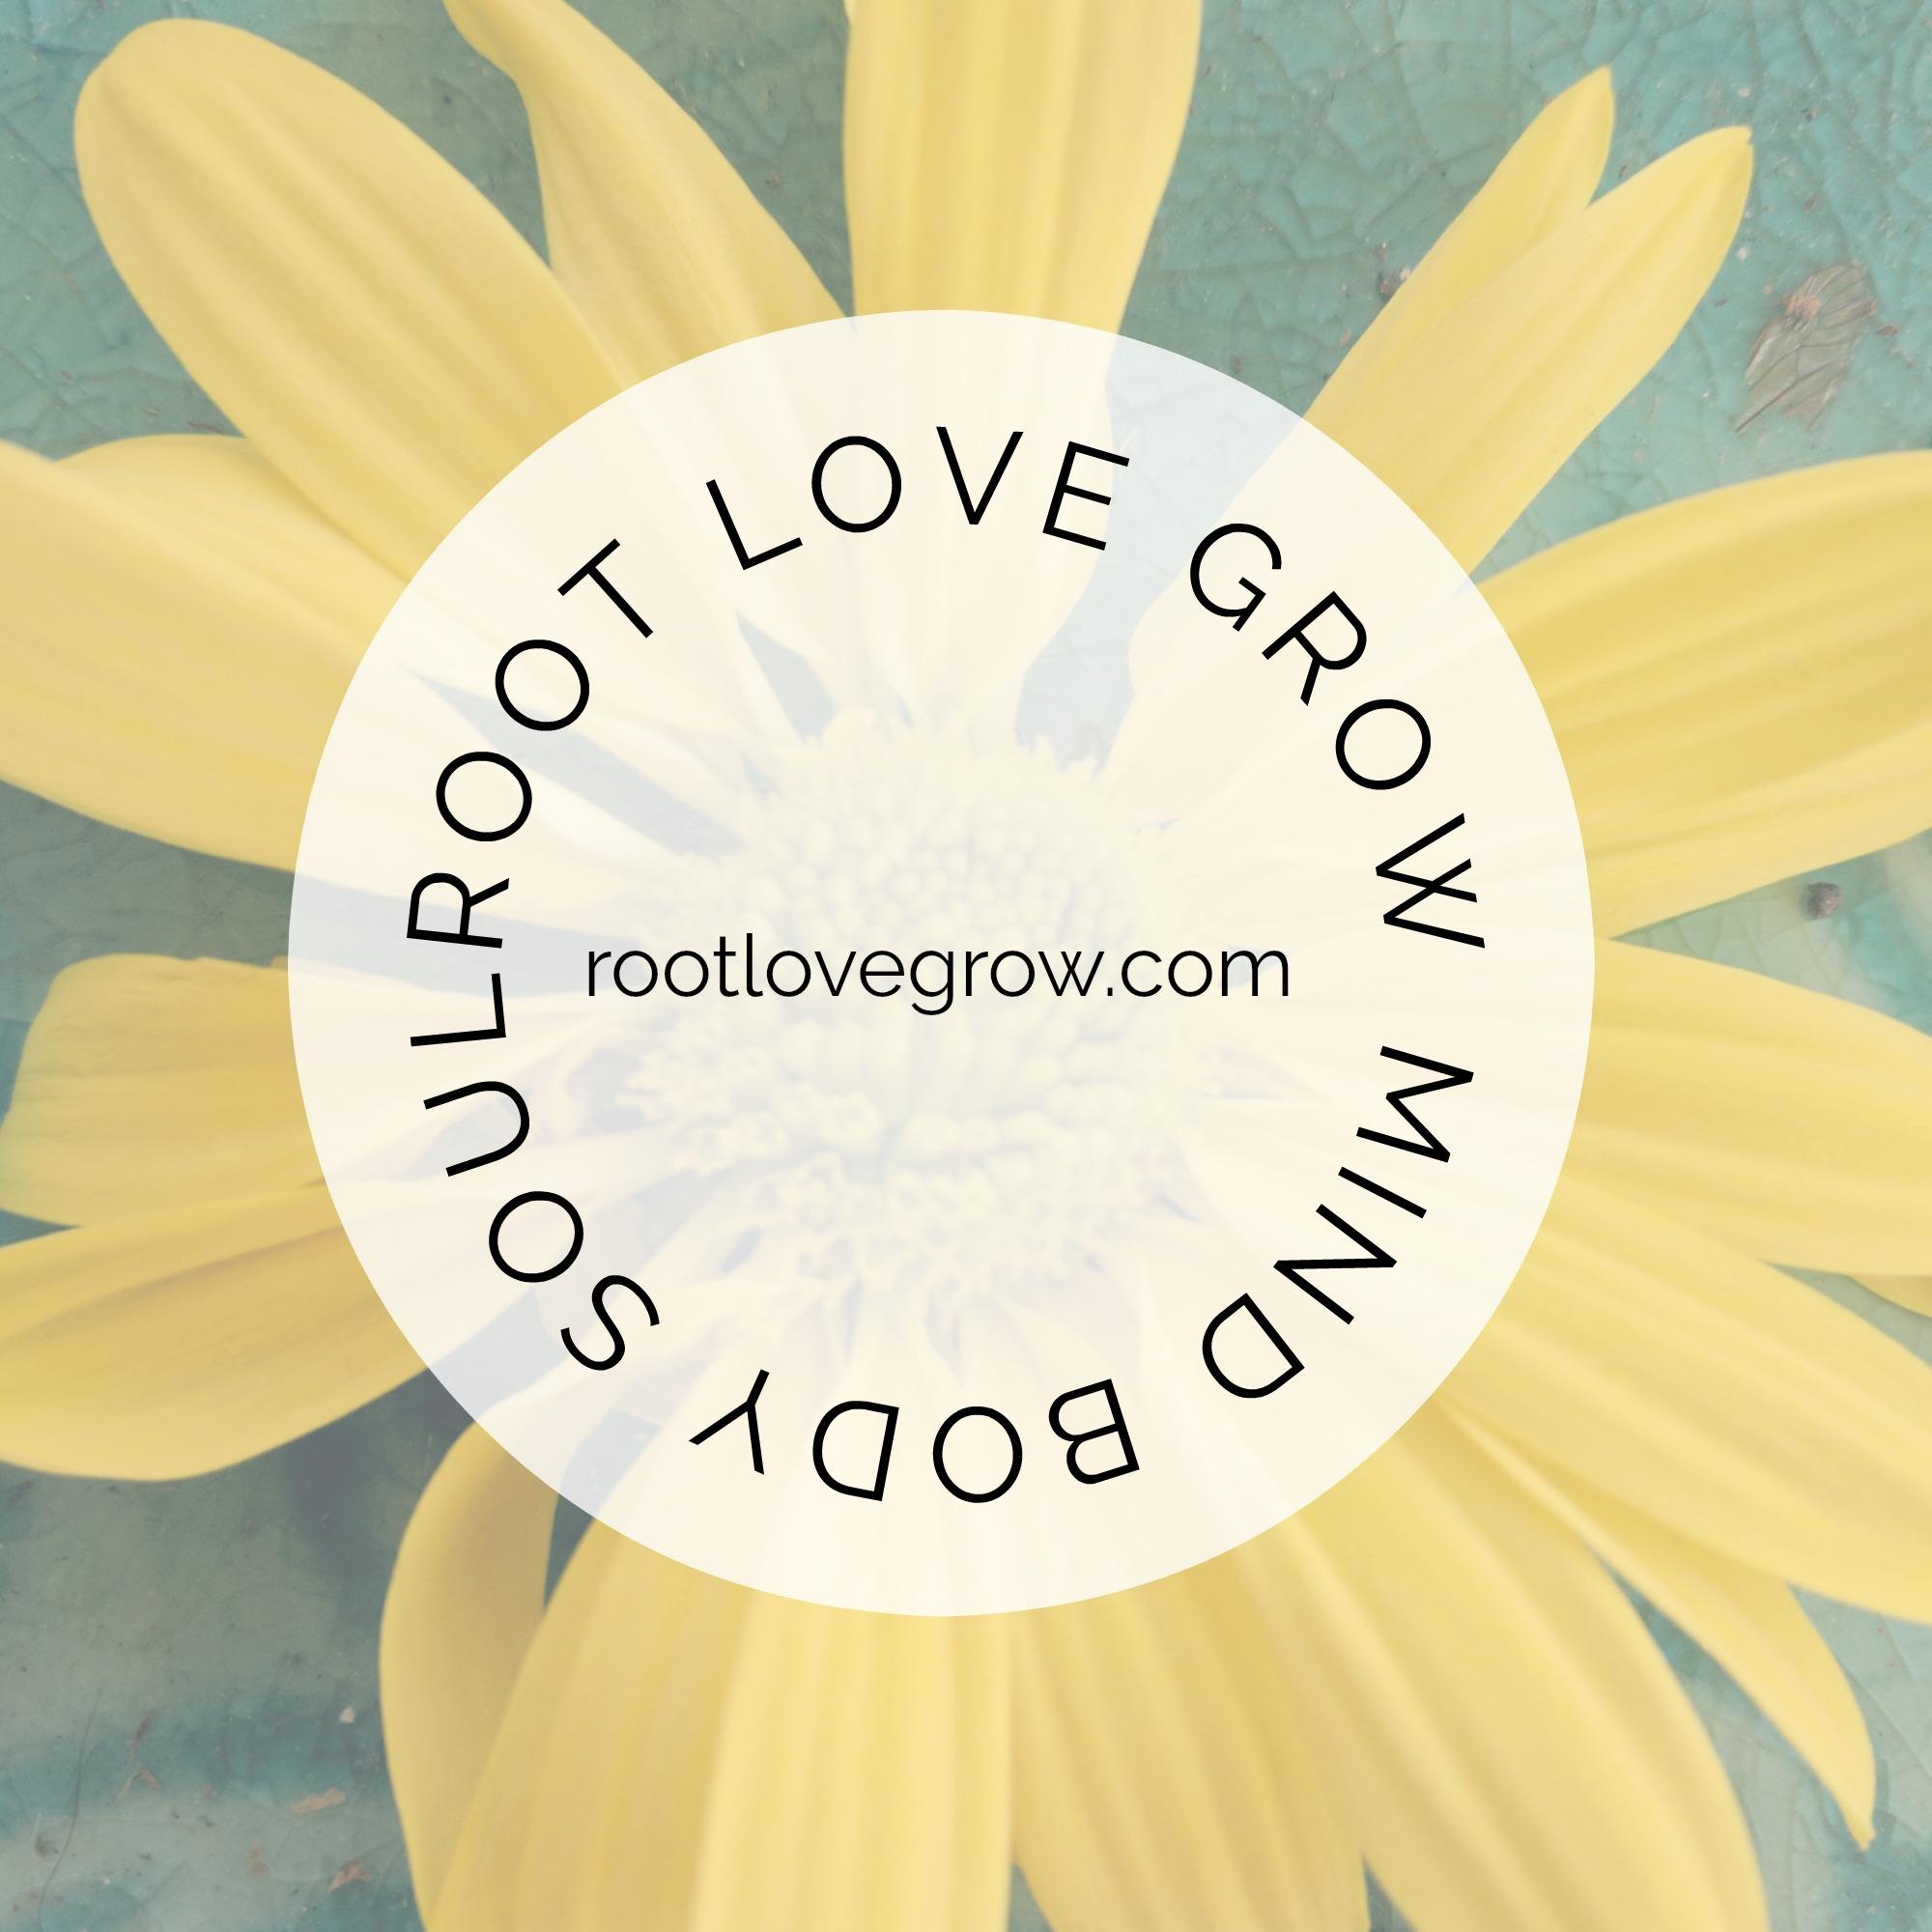 rootlovegrowad2.jpg